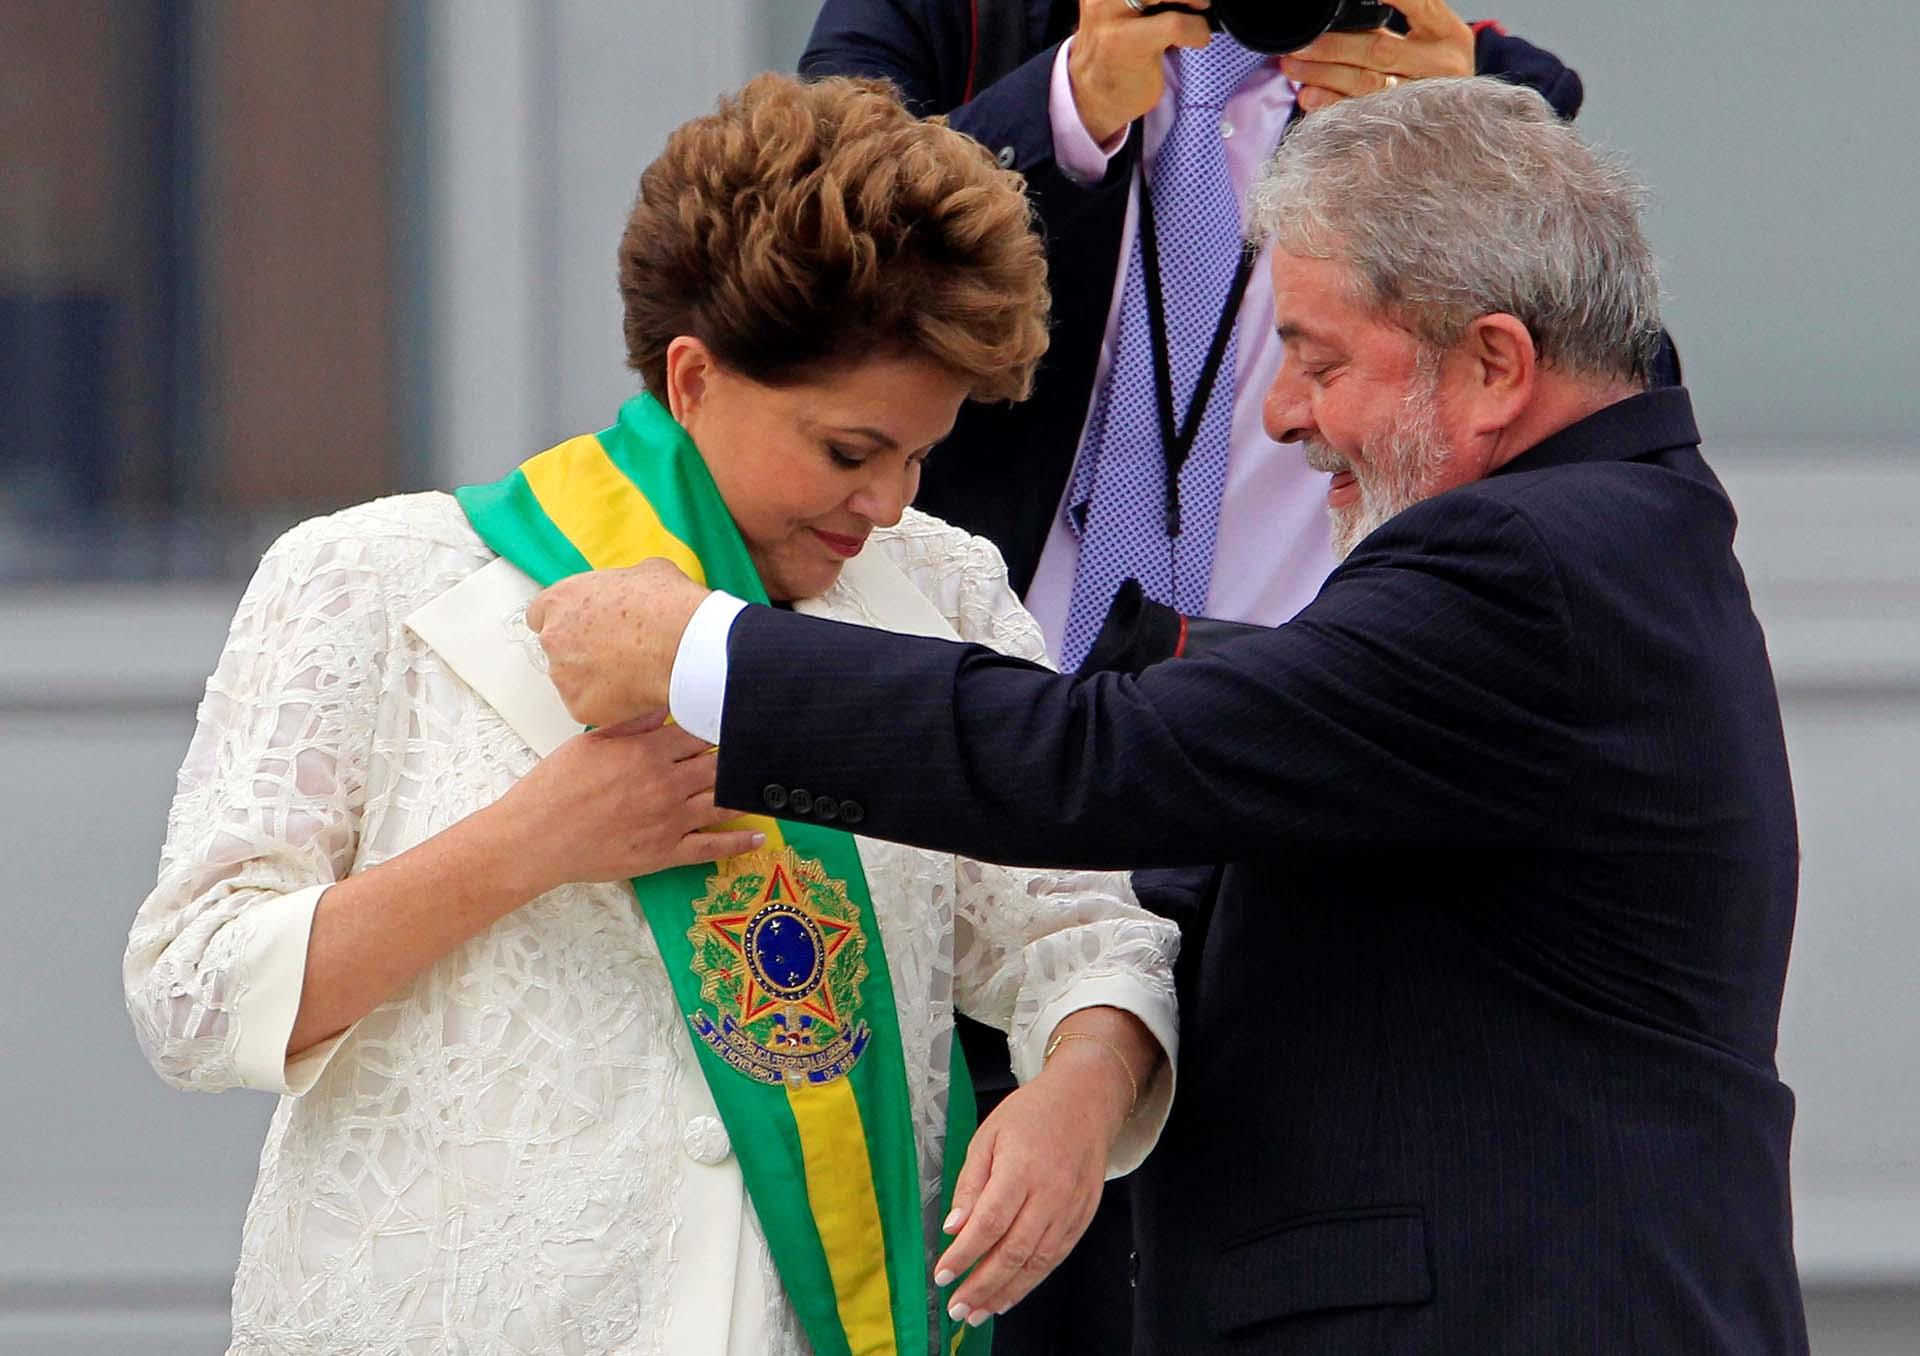 La fórmula Dilma-Temer volvió a ser reelecta en 2014, y se mantuvo en el poder hasta mediados de 2016, cuando la presidente fue destituida. Temer asumió el mando, rompió su alianza con el PT, y fue acusado por el partido de Lula de traición (Reuters/Paulo Whitaker)